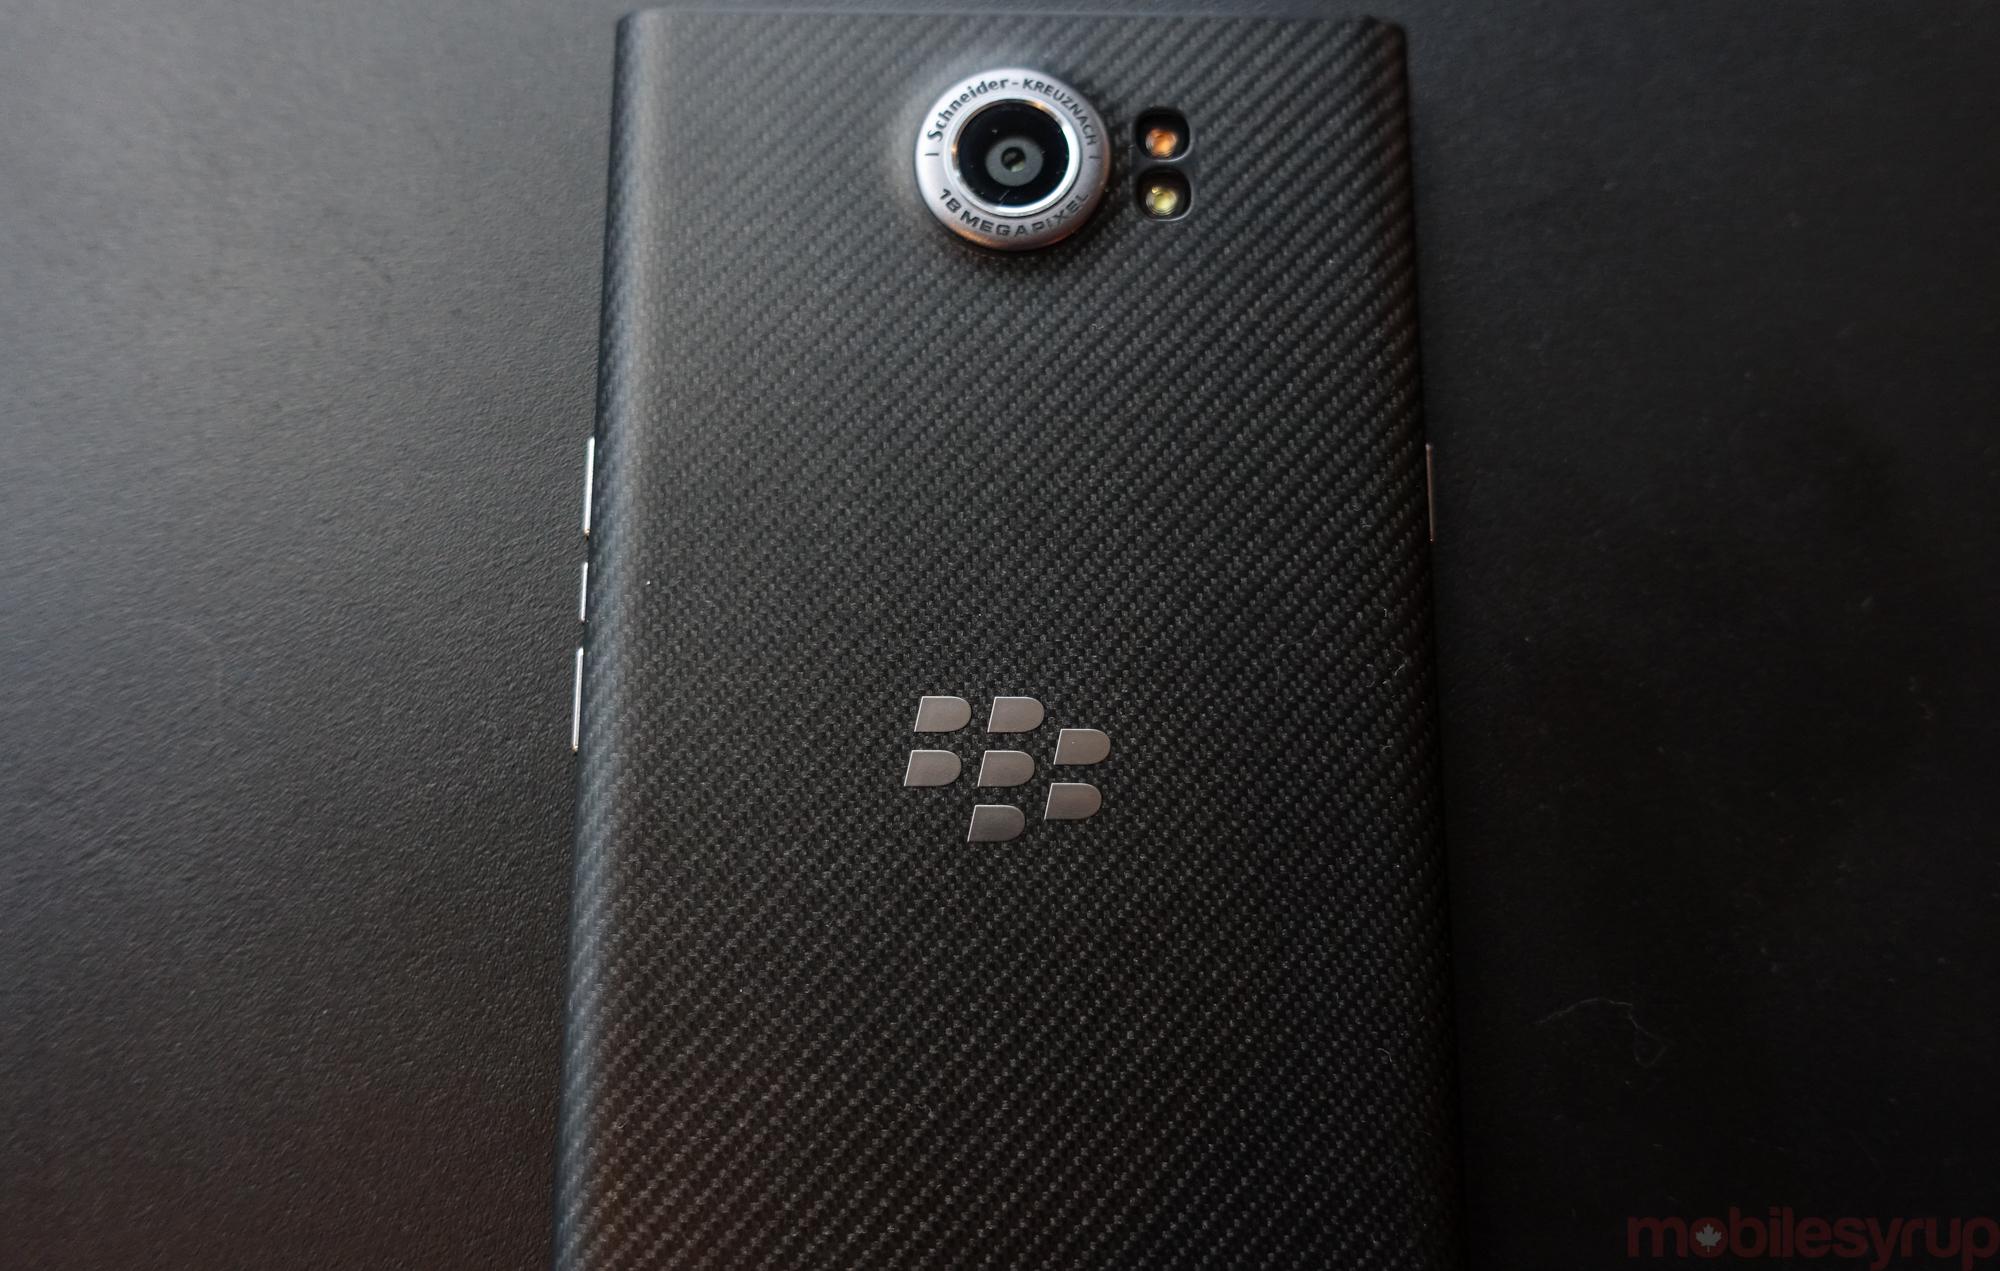 blackberryprivreview-01702